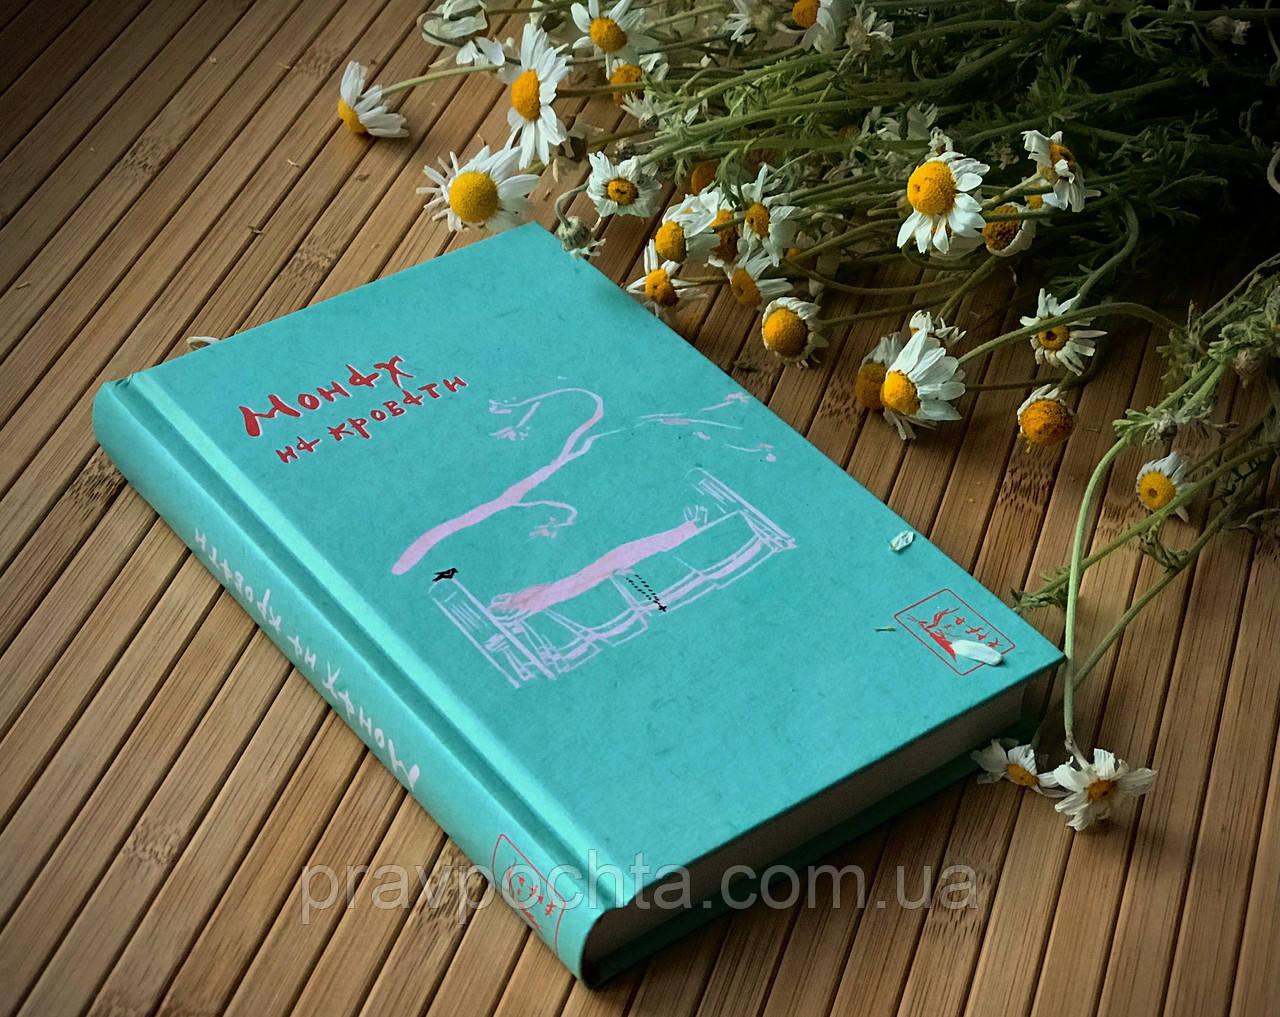 Монах на кровати. Поэзия и графика, рожденные в пустыни. Монах Адам